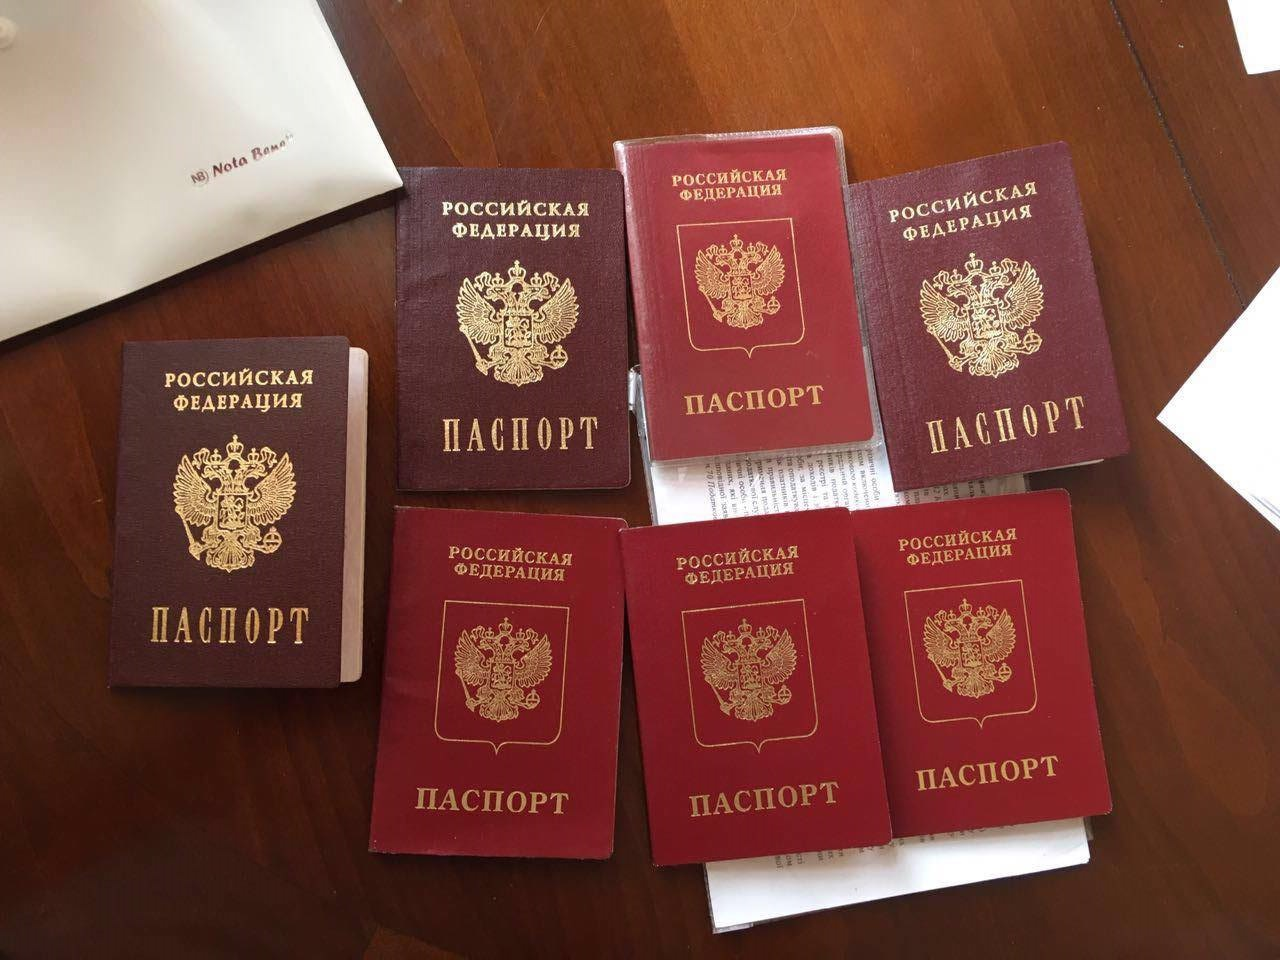 Как срочно сделать паспорт цена замены паспорта РФ 73